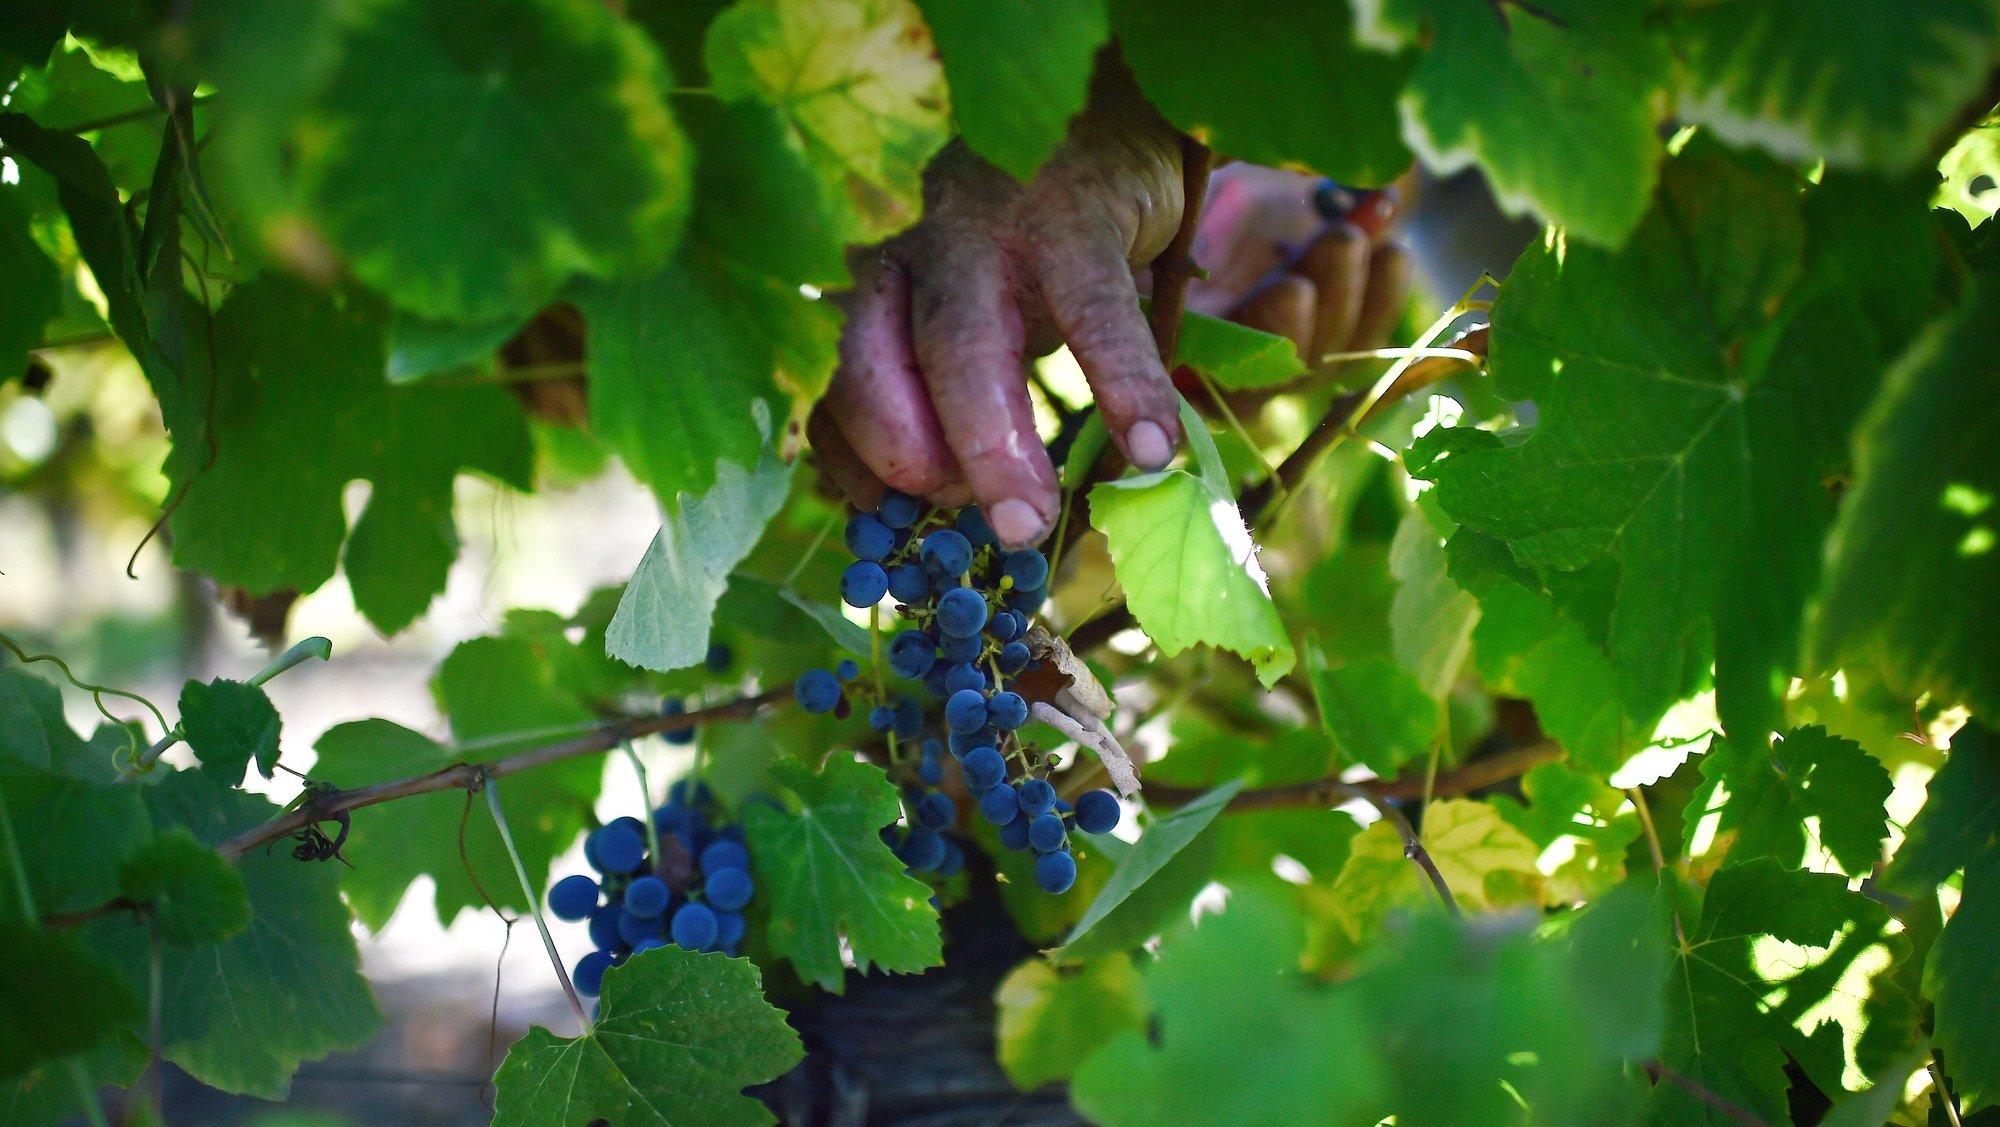 Trabalhadores durante o corte das uvas numa vindima no Dão, em Nelas, Viseu, 15 de setembro de 2020. (16 DE SETEMBRO DE 2020). NUNO ANDRÉ FERREIRA/LUSA